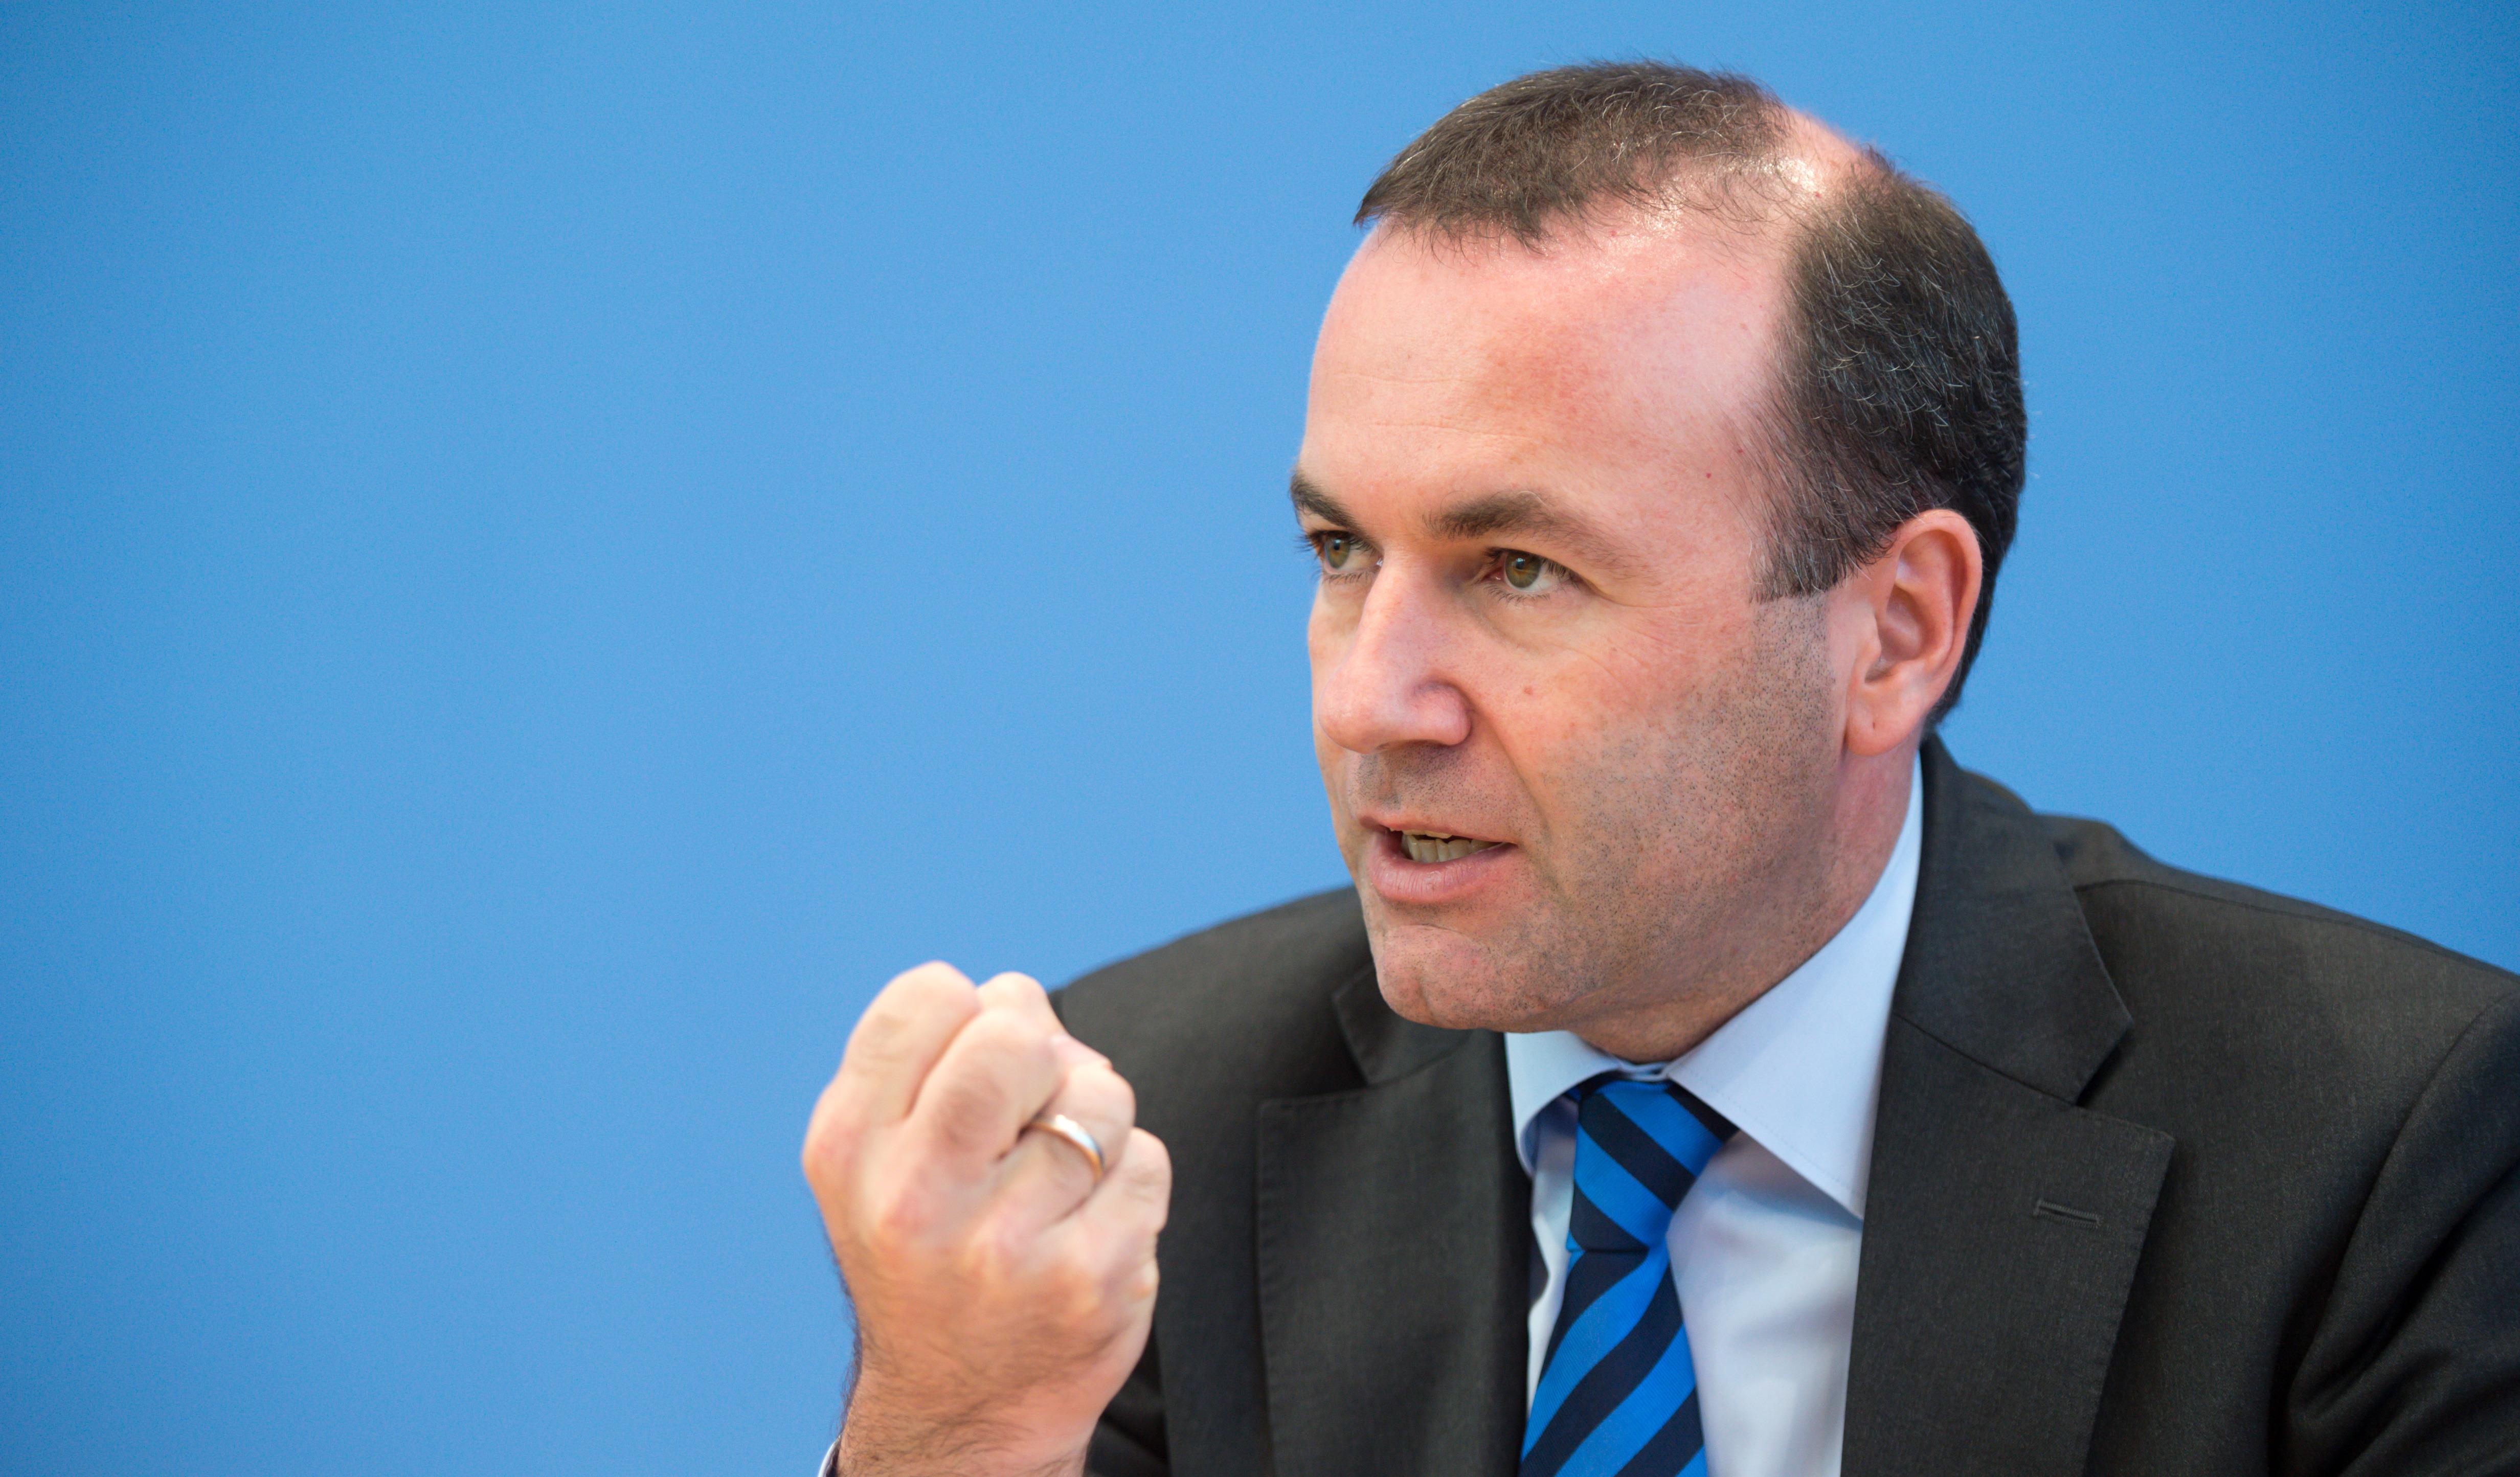 Már a Fidesz európai szövetségesei is azt követelik, hogy az Európai Bizottság vizsgálja meg a CEU ellen hozott törvényt